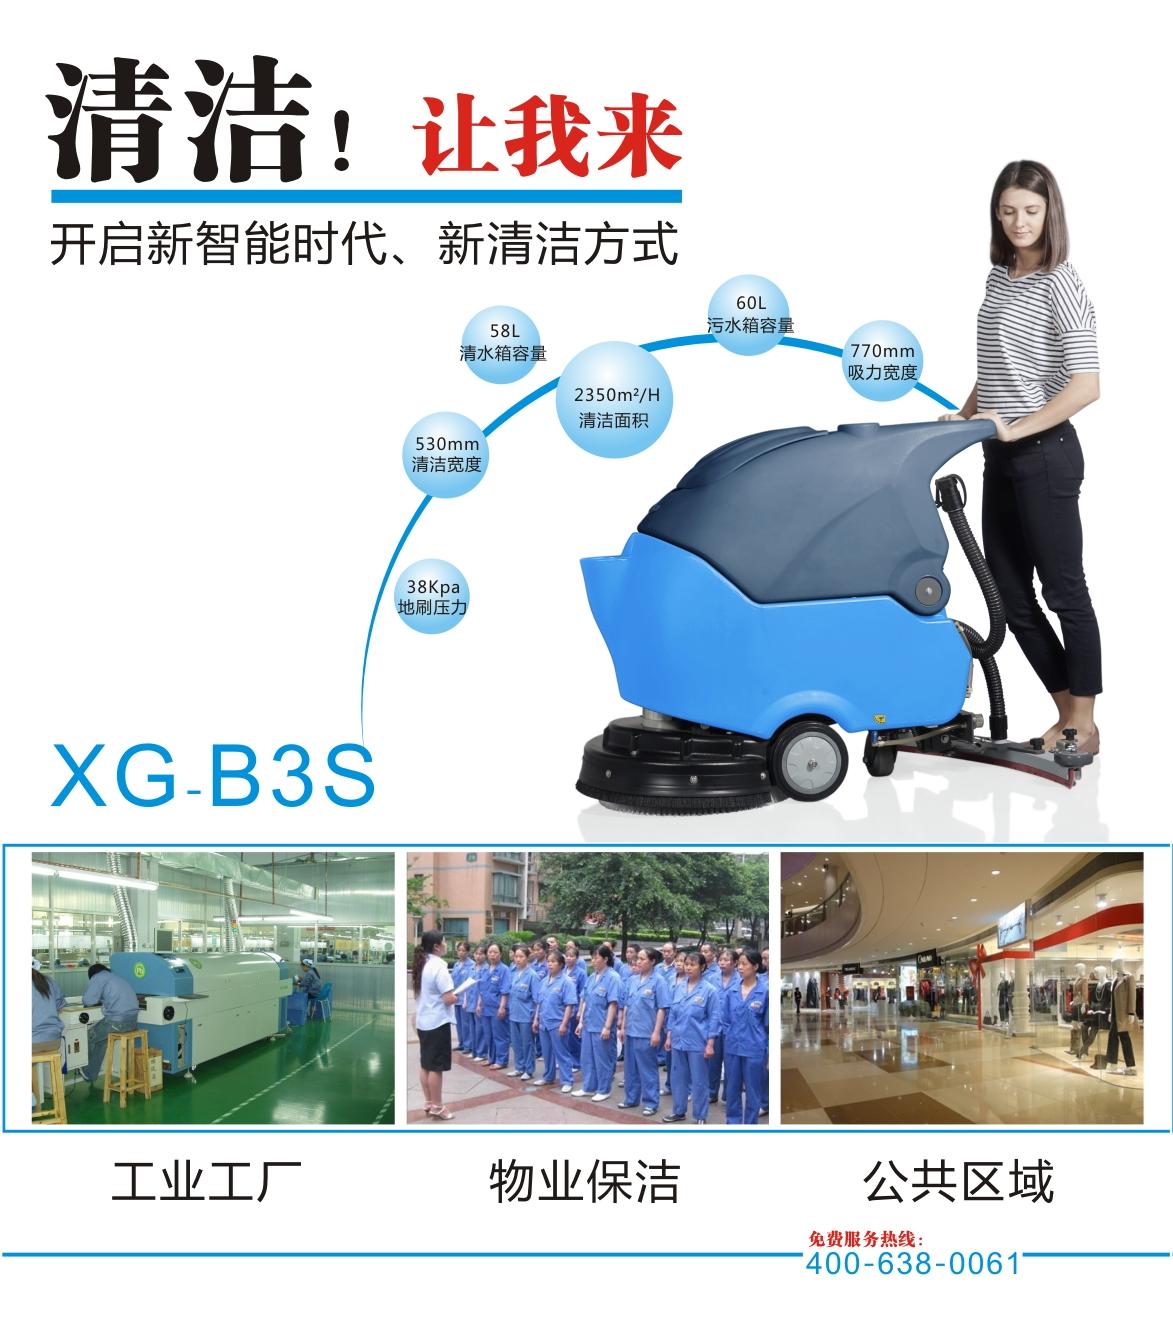 XG-B3S-2.jpg